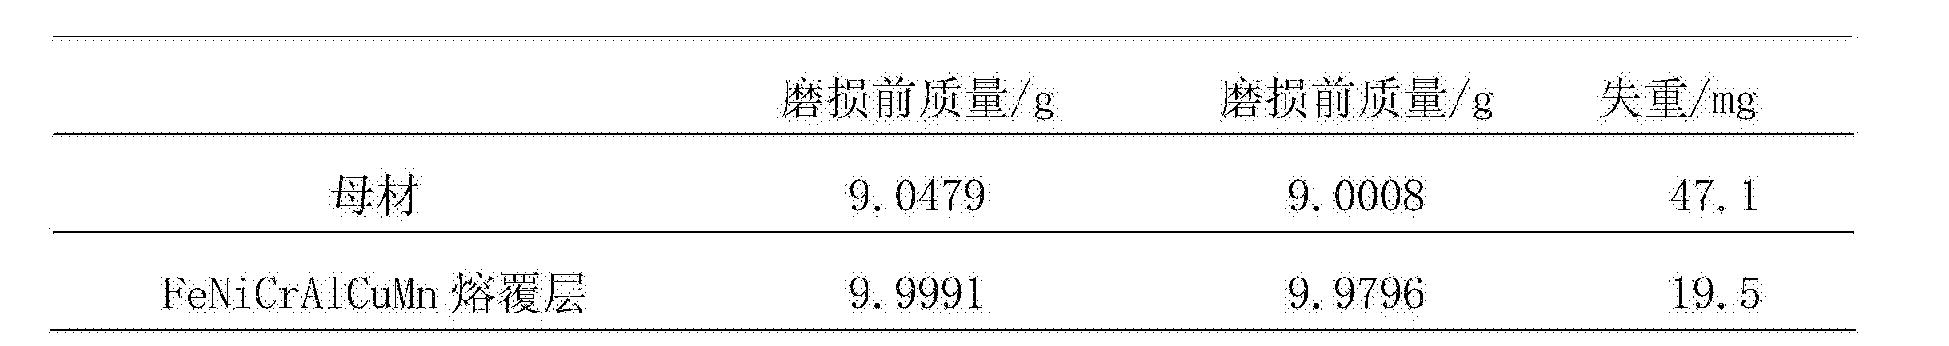 Figure CN104141127BD00063